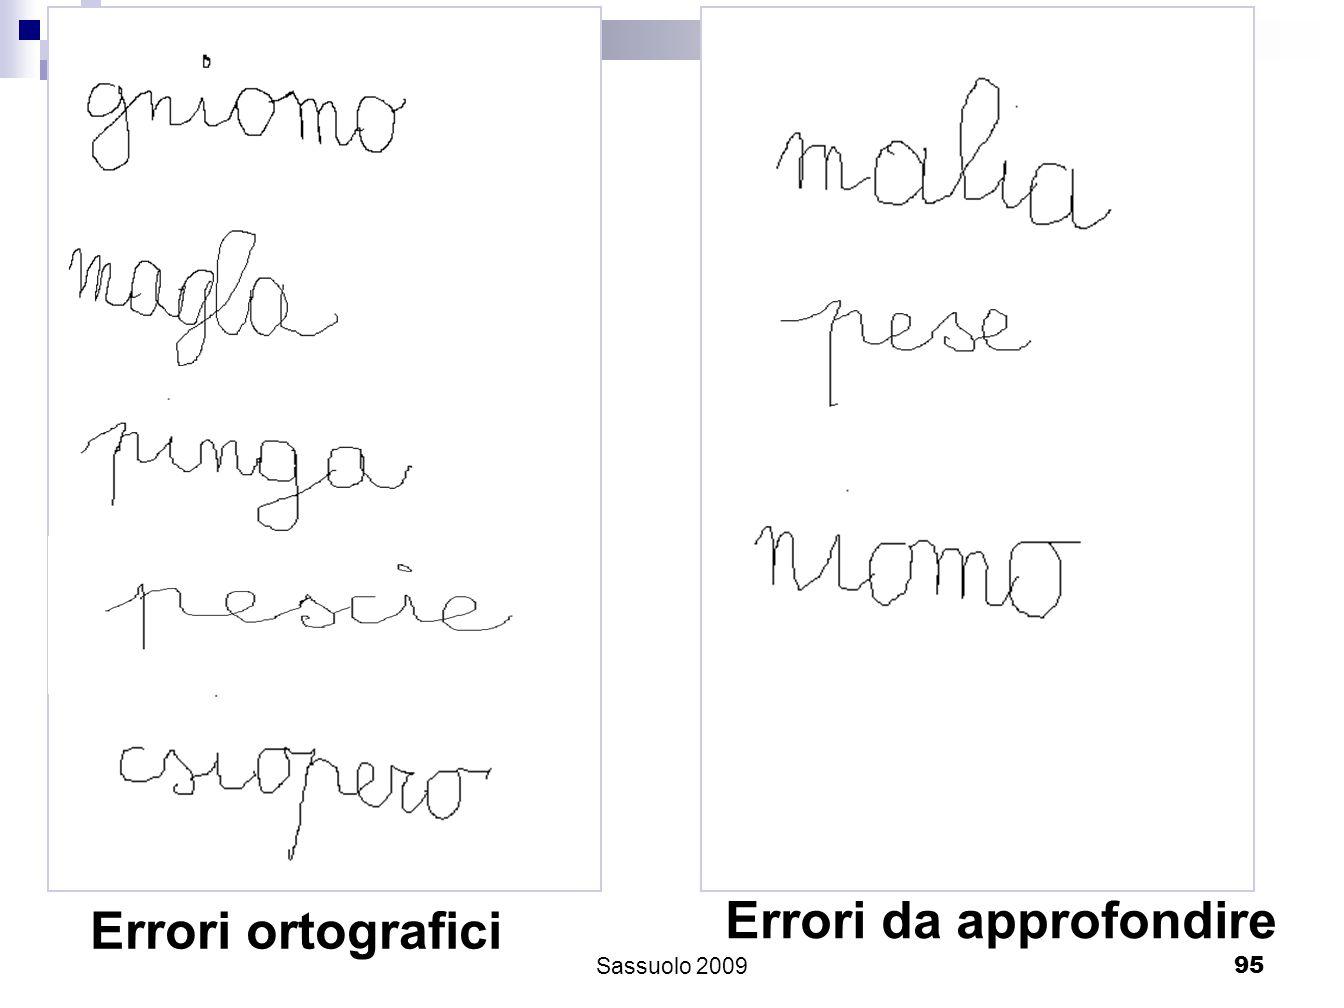 95 Errori ortografici Errori da approfondire Sassuolo 2009